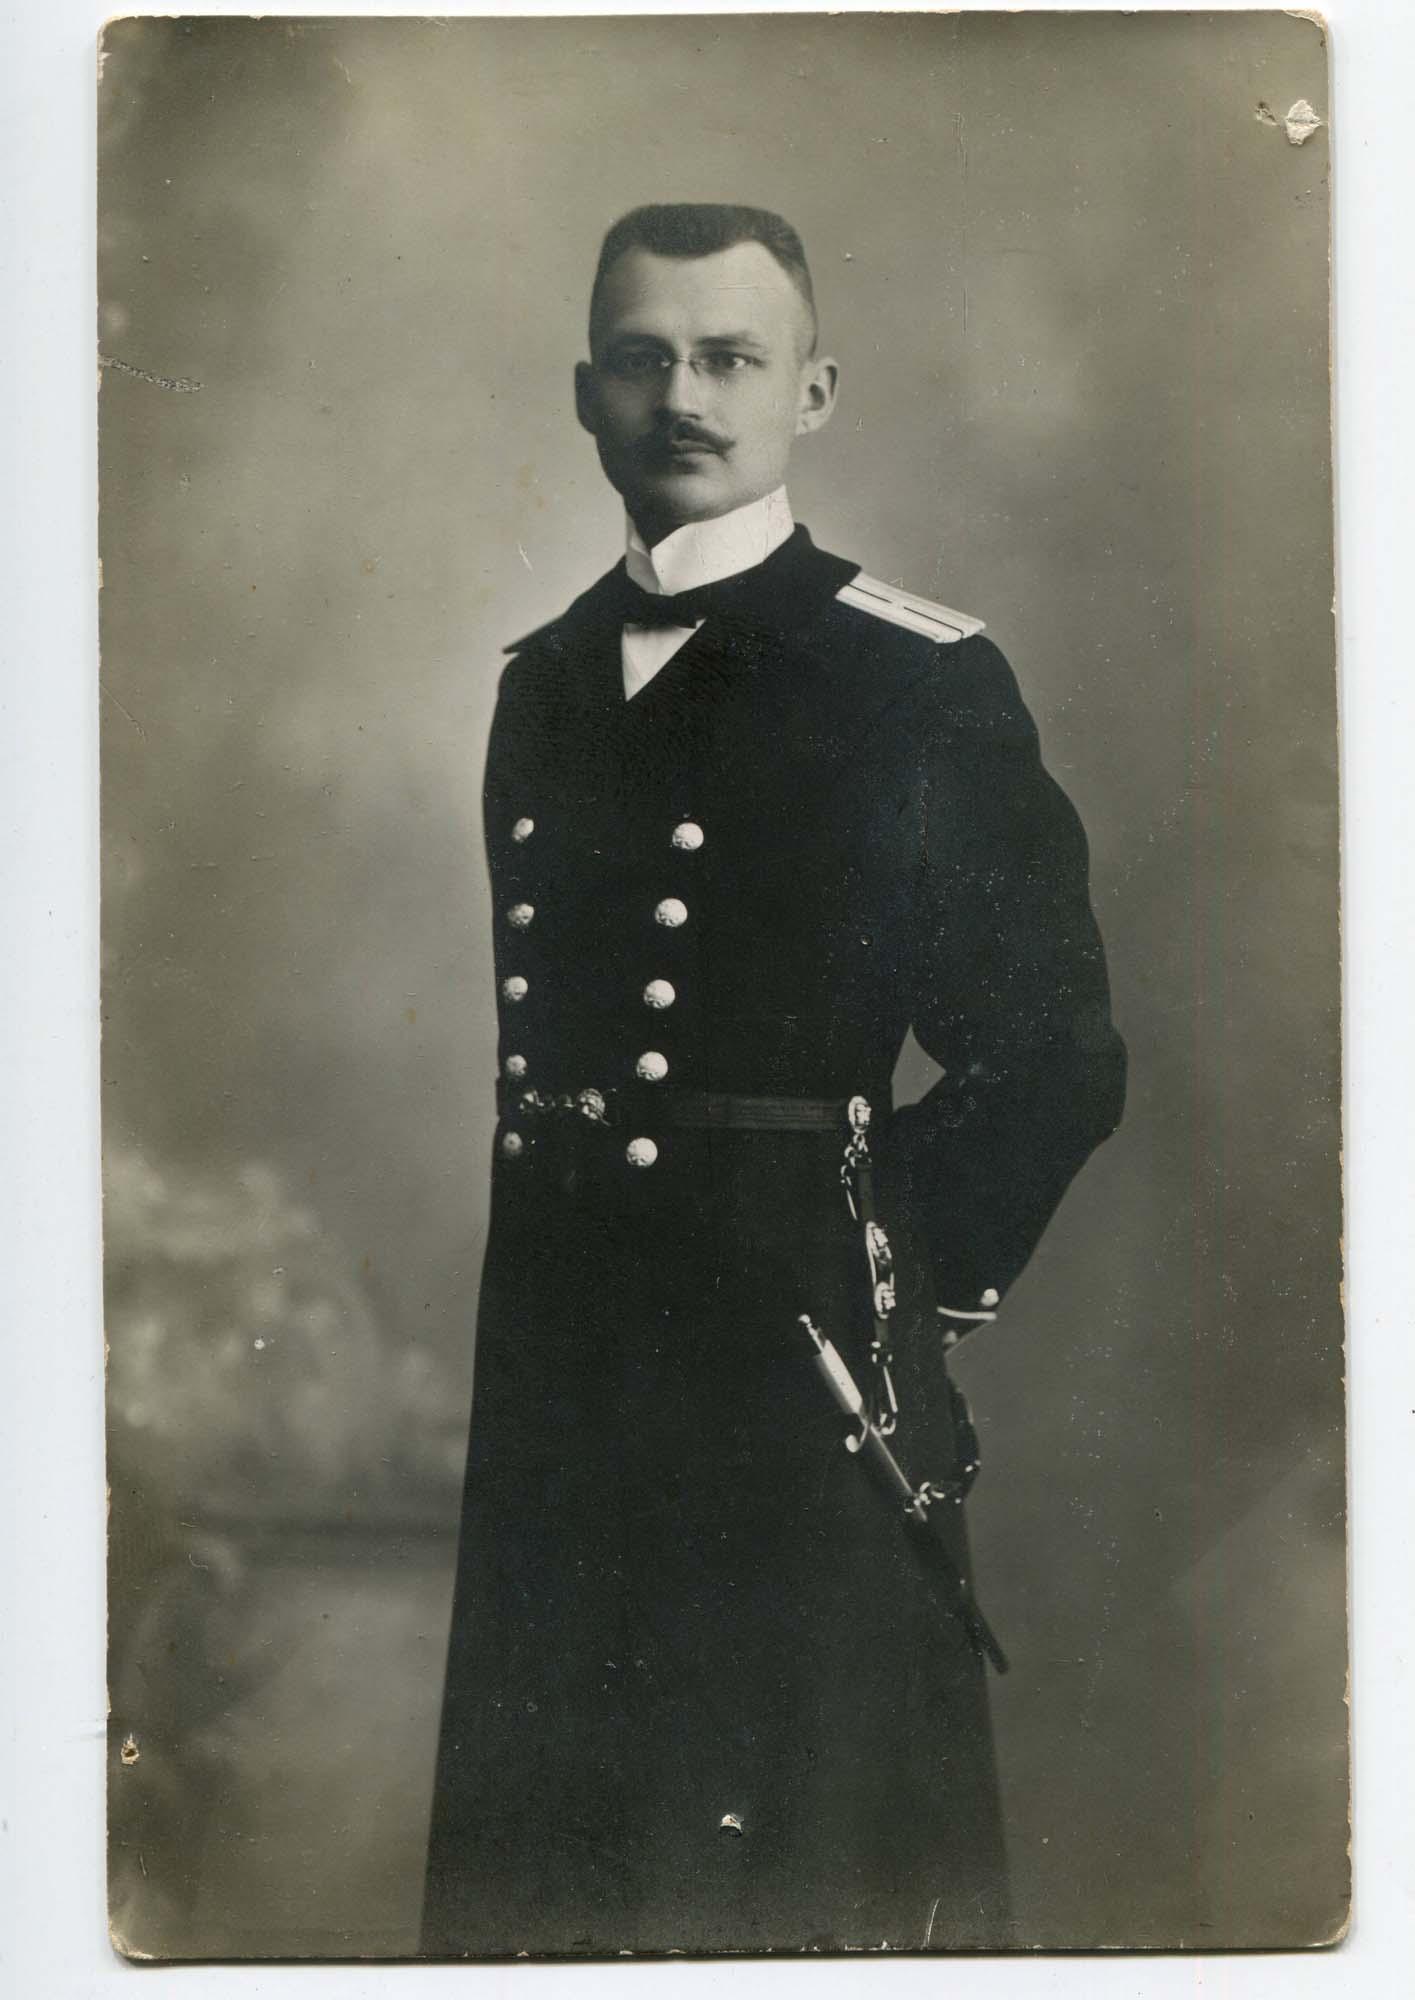 топить шепками фото морских офицеров до революции спешите менять